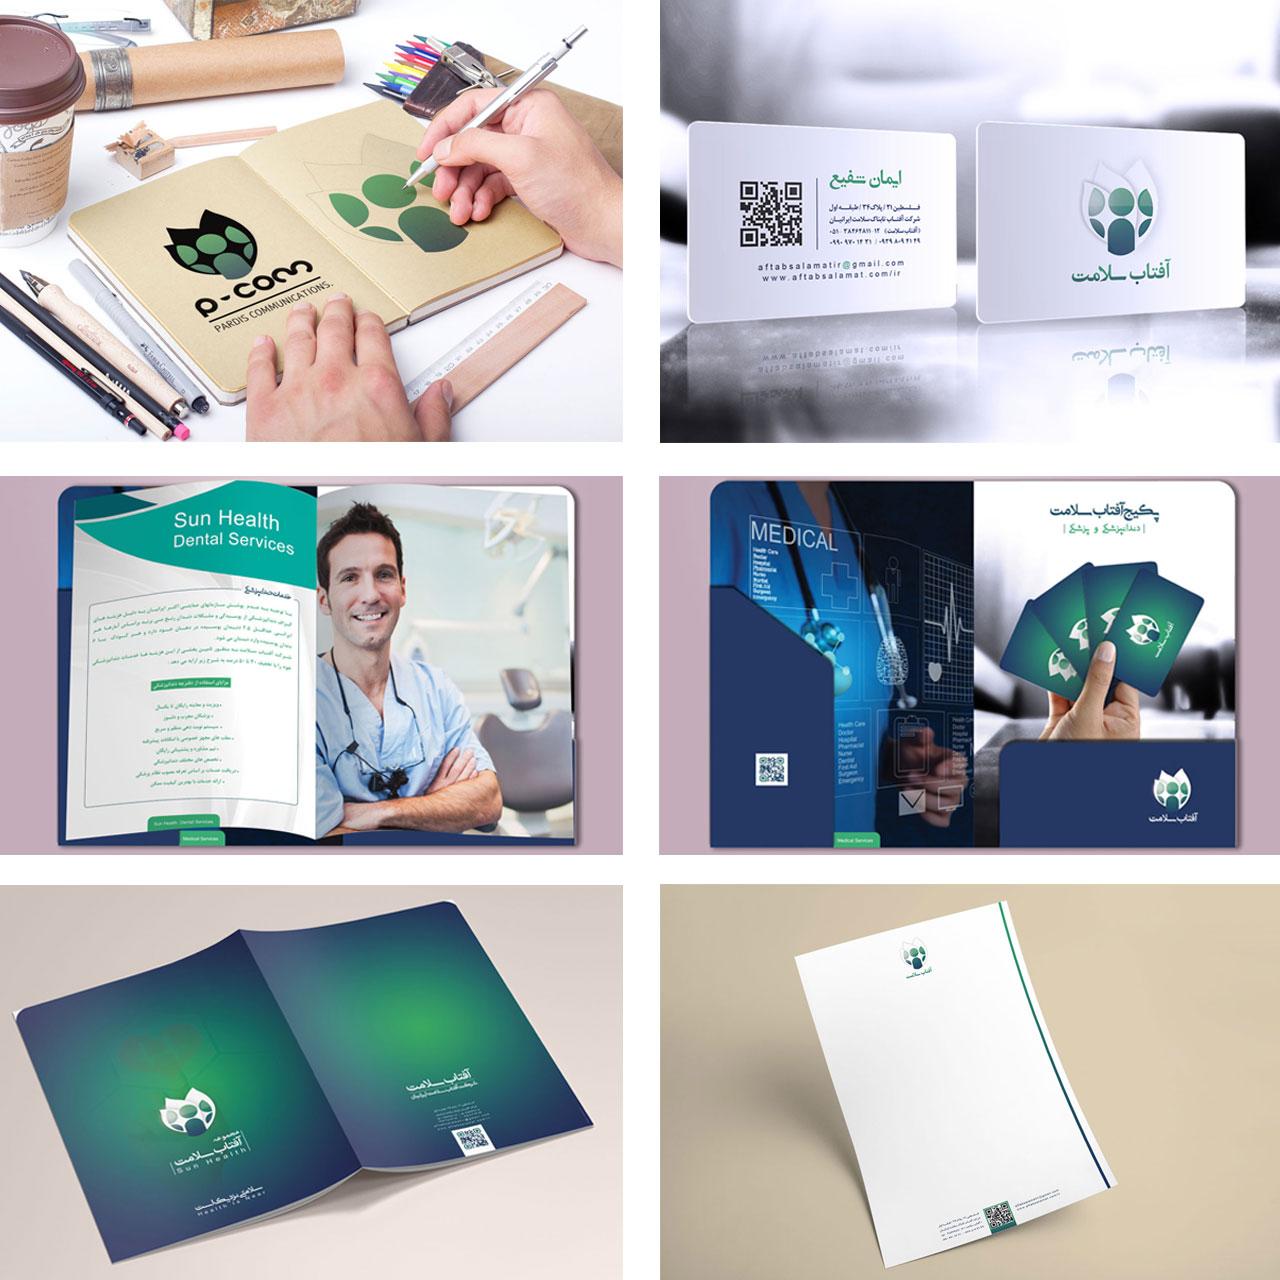 طراحی پکیج تبلیغاتی آفتاب سلامت